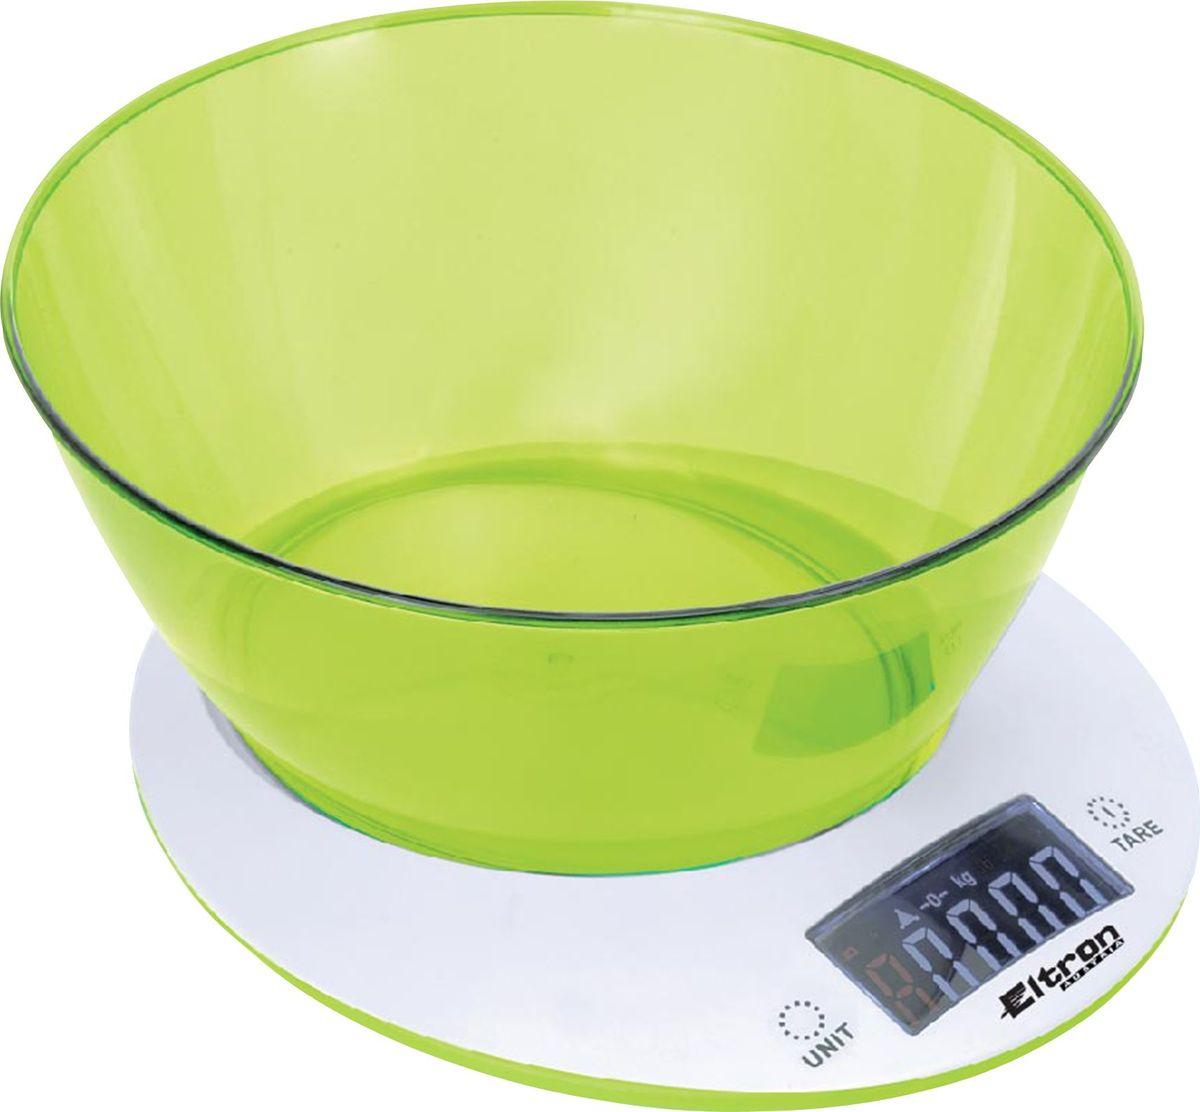 Весы кухонные Eltron, электронные, цвет: белый, до 5 кг. 9264EL9264ELЭлектронные кухонные весы современного дизайна Eltron выполнены из пластика. Они имеют: двухкнопочный механизм; ЖК-дисплей; съемную прозрачную чашу.Максимальный вес: 5 кг.Показывают вес в унциях, фунтах, г, мл. Работают от 2 батареек х 1.5В ААА (батарейки входят в комплект).